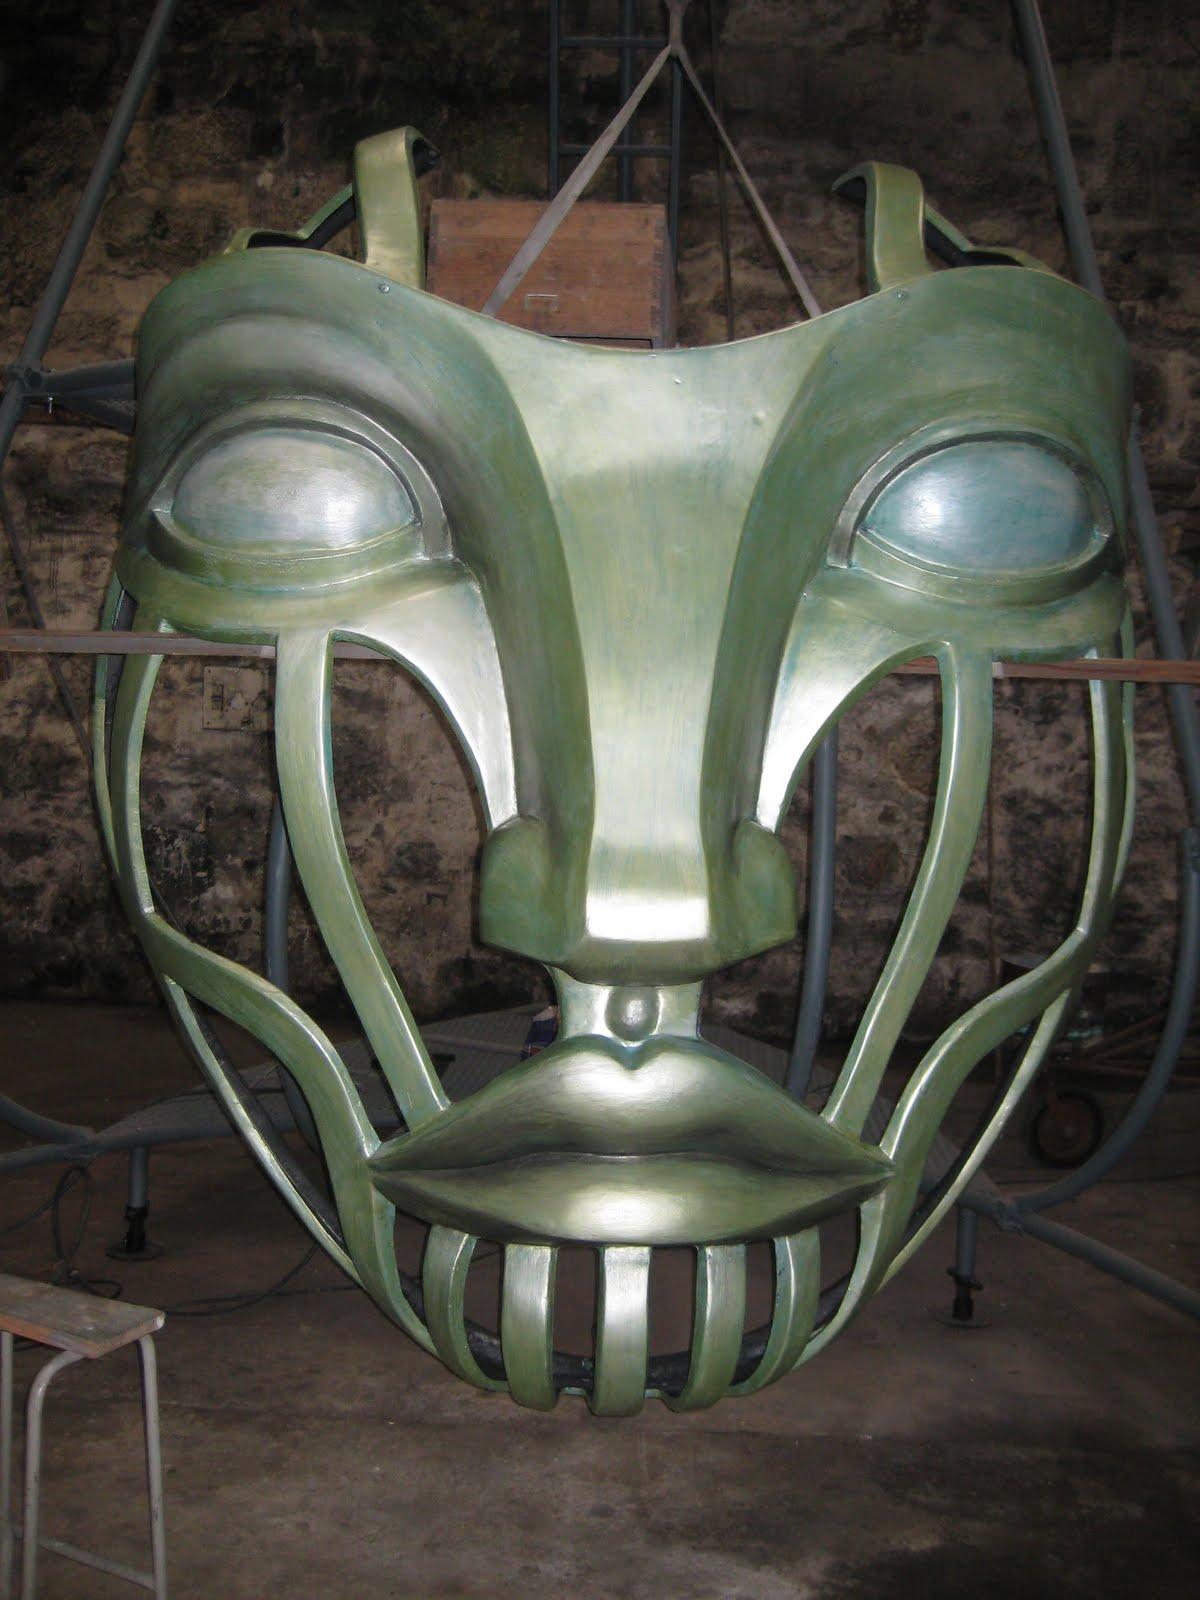 Teatro de marionetas em portugal maio 2010 - Teatro marionetas ikea ...